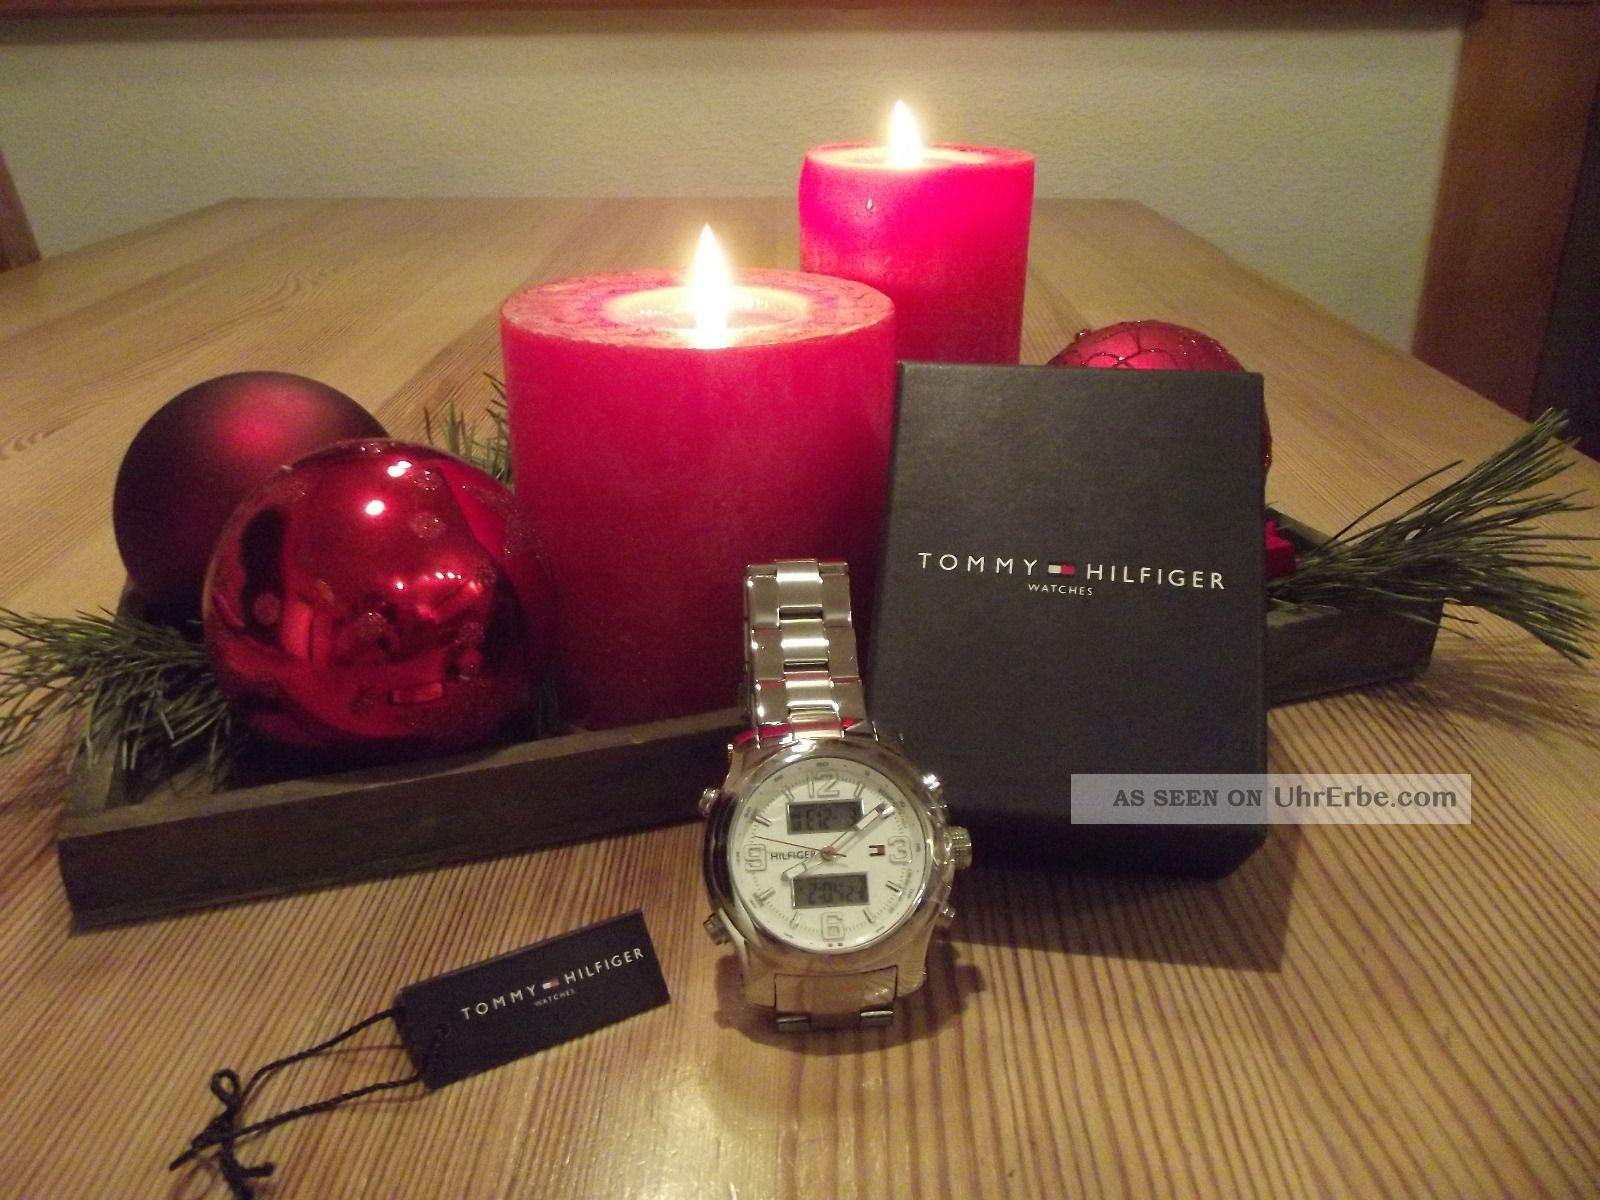 Uhr Chronograph Tommy Hilfiger Herren Armbanduhr Weihnachsgeschenk Geschenk Armbanduhren Bild